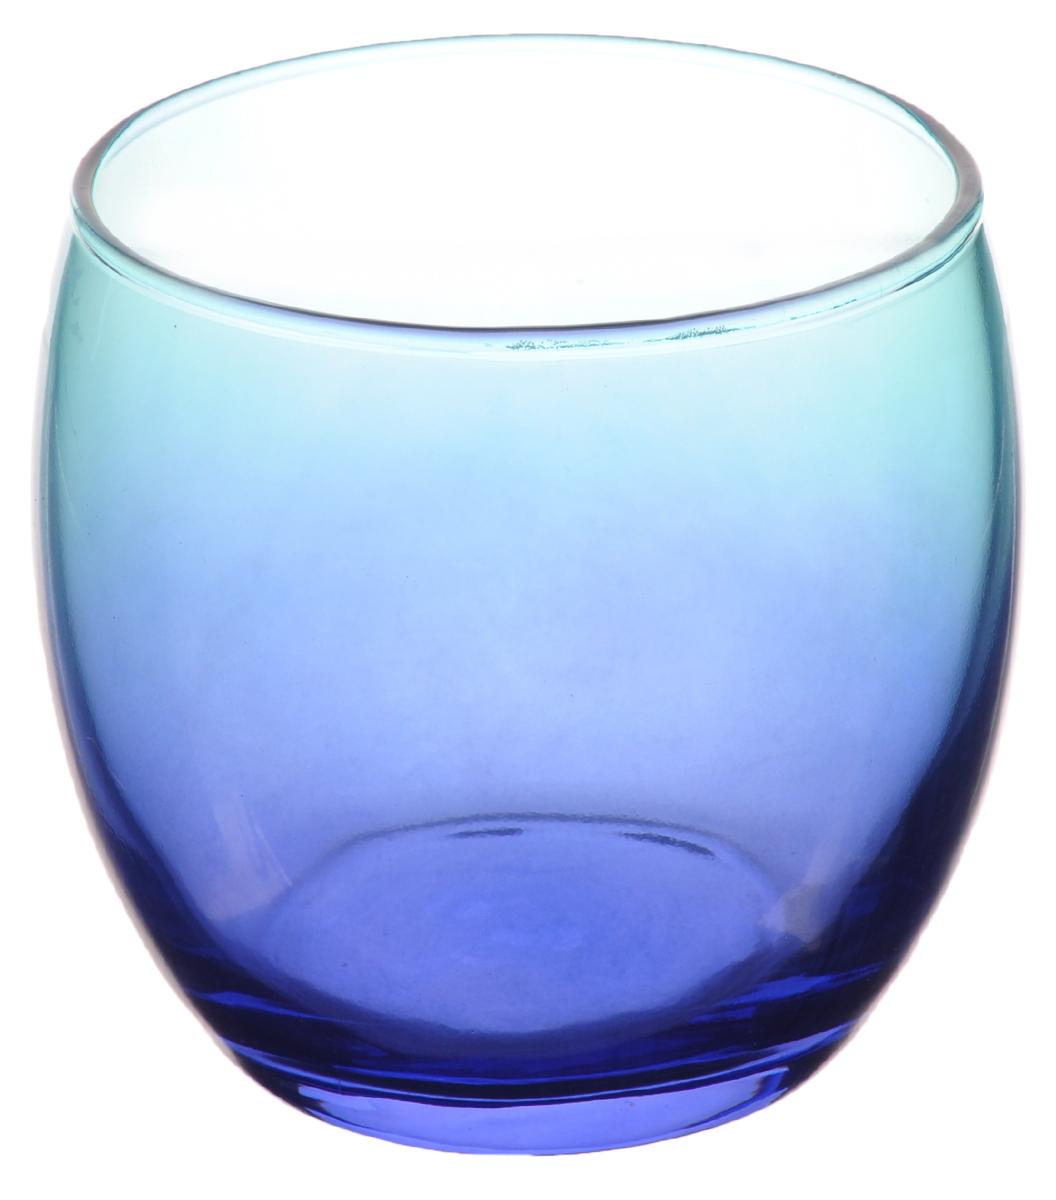 Стакан Luminarc Duos Blue Turquoise, 340 млH8358Стакан Luminarc Duos Blue Turquoise, выполненный из высококачественного стекла, предназначен для подачи воды и других напитков. Изделие отличается особой легкостью и прочностью, излучает приятный блеск и издает мелодичный хрустальный звон. Такой стакан станет идеальным украшением праздничного стола и отличным подарком к любому празднику. Диаметр стакана (по верхнему краю): 8 см. Высота: 8,5 см.